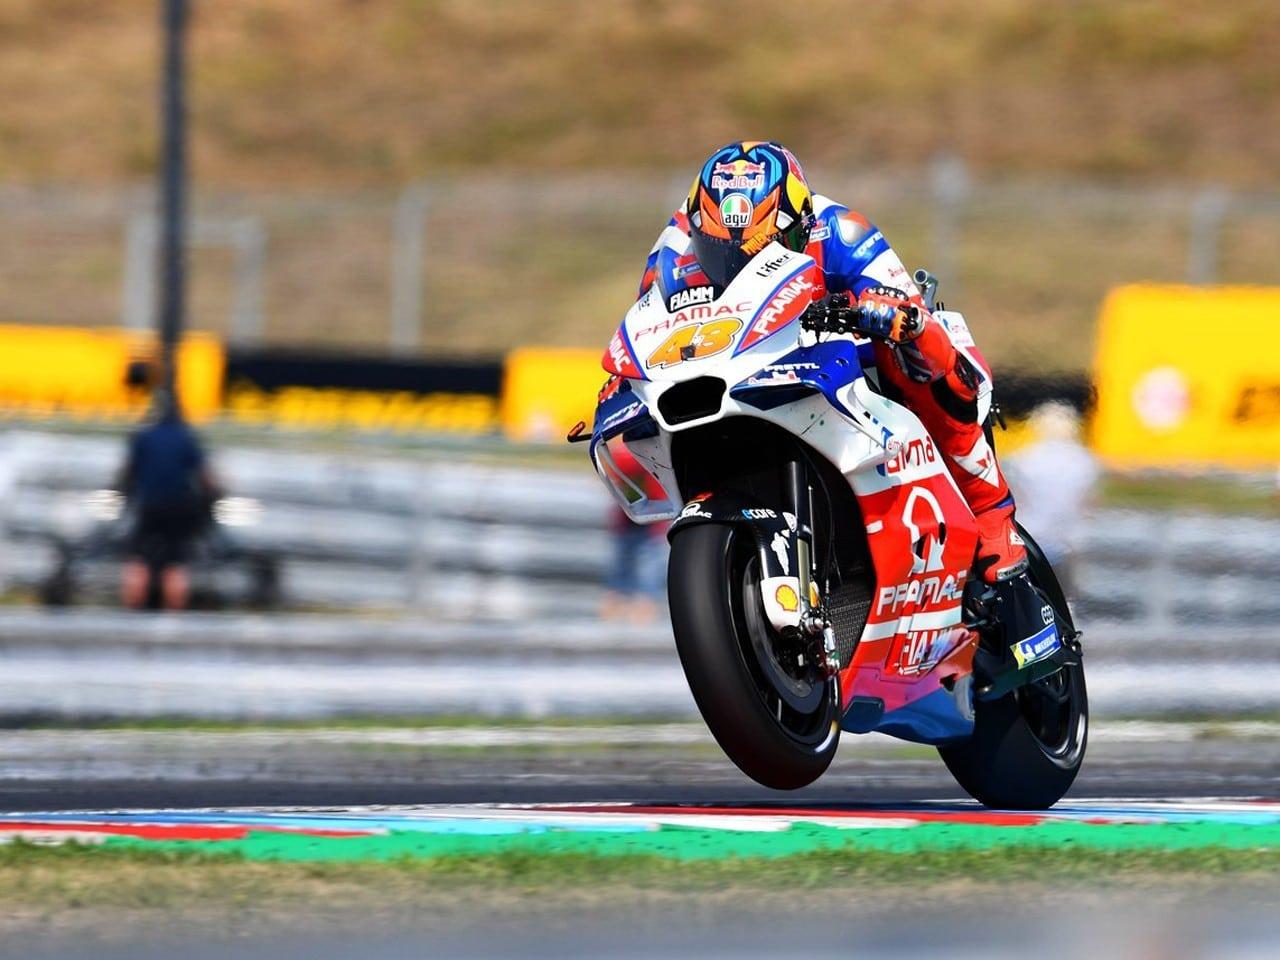 OFICIAL | Jack Miller será piloto del equipo oficial Ducati en 2021